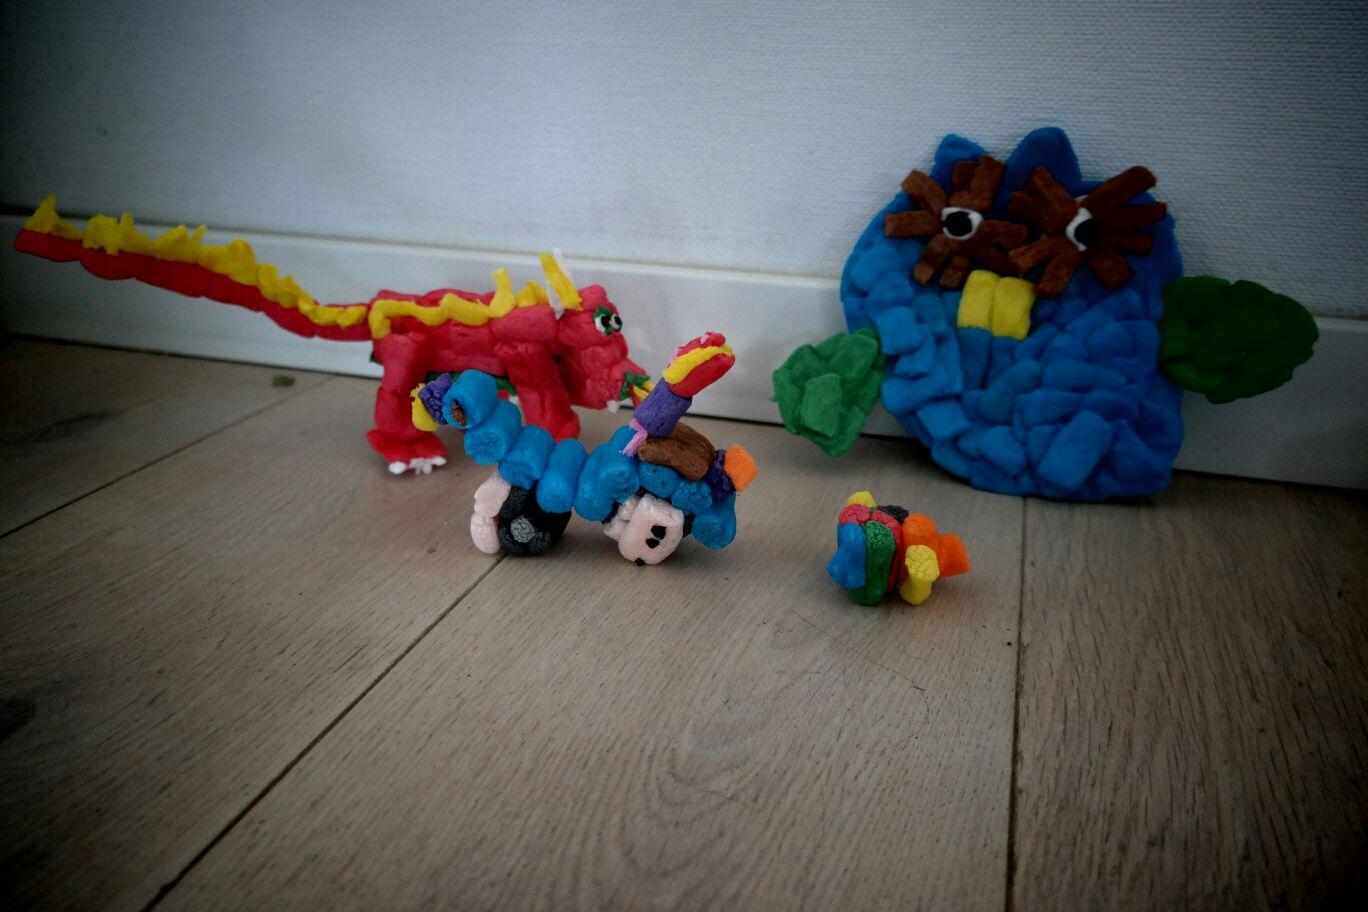 4-16-fischer-tip-leuk-knutselen-kleuren-plakken-drie-jaar-vormen-dieren-mensen-auto-draak-voorbeelden-ton-veel-creativ-heutink-water-kinderen-activiteit-peuter-kleuter-10-jaar-resultaat